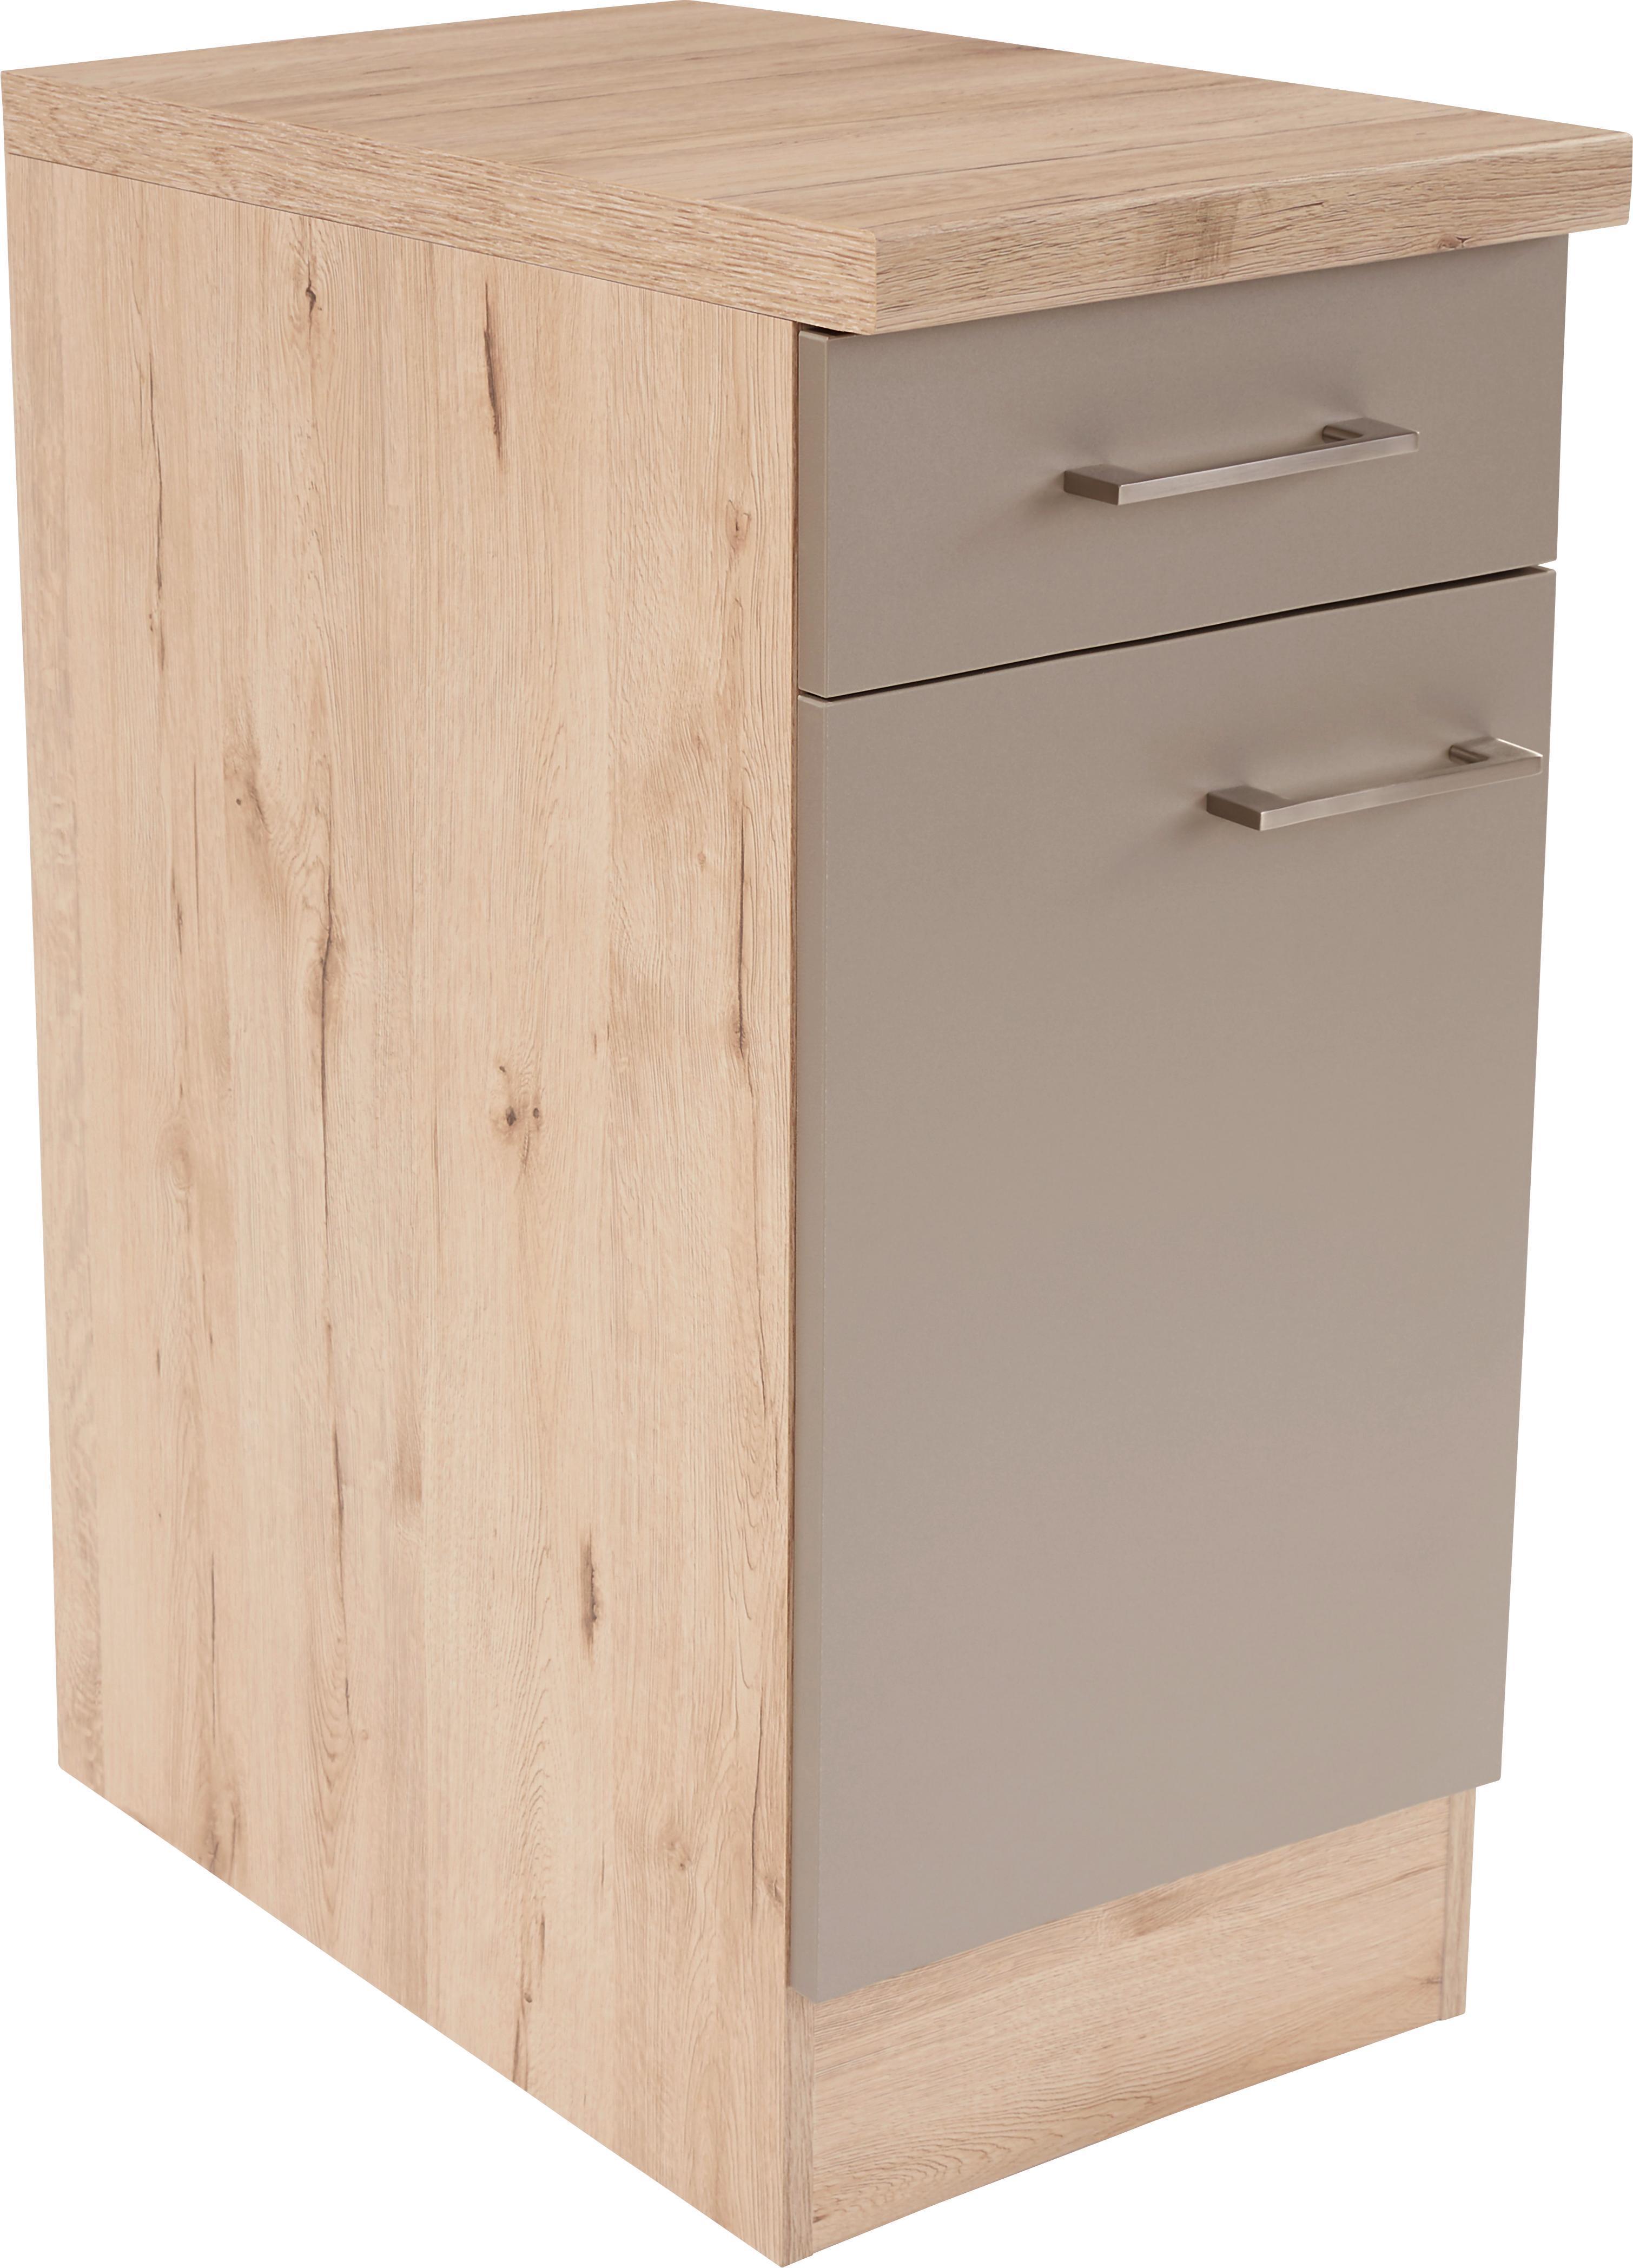 Küchenunterschrank Riva Us50 online kaufen ➤ Möbelix